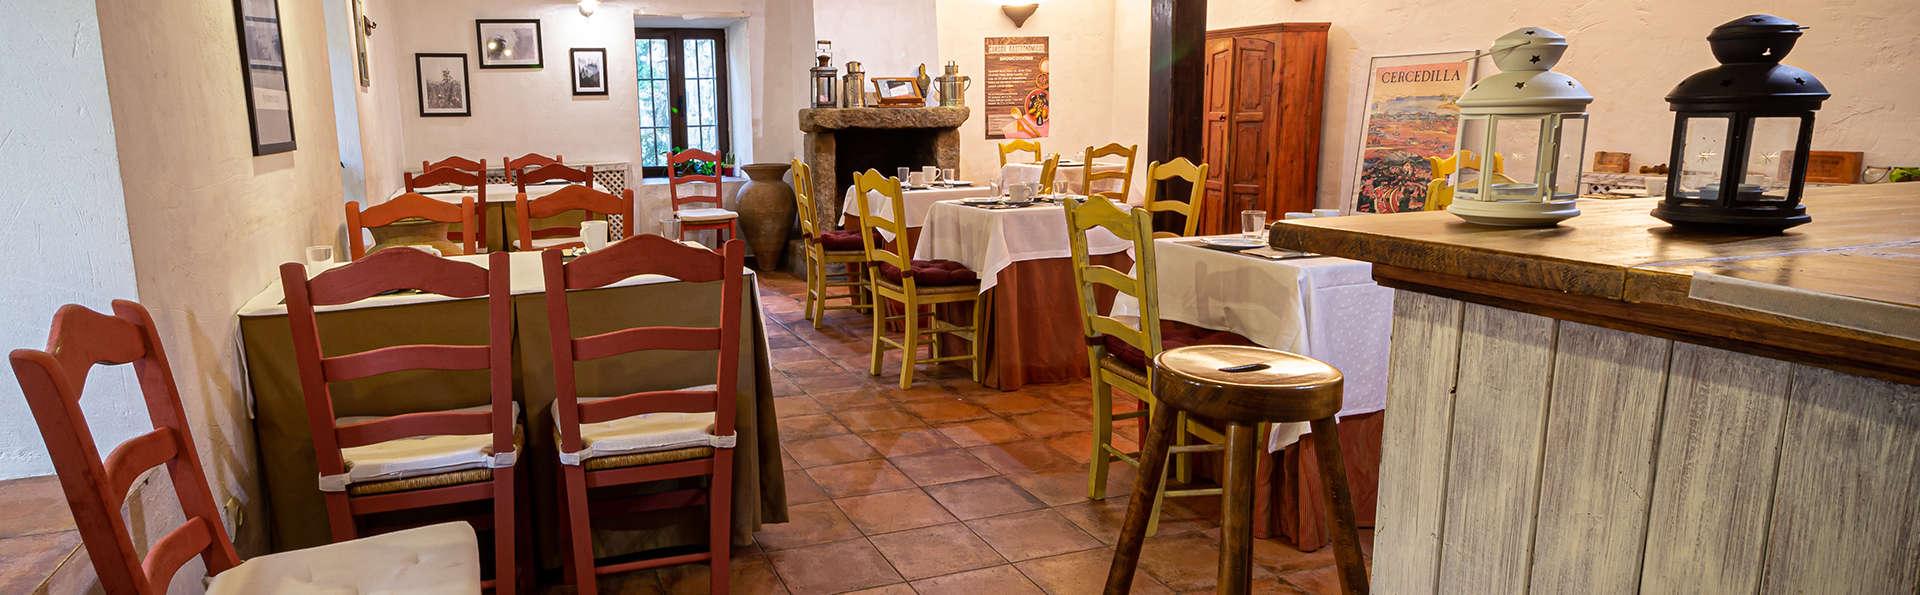 Turismo rural: arroz, vino y desayuno en una posada rodeada por las montañas, entre Segovia y Madrid